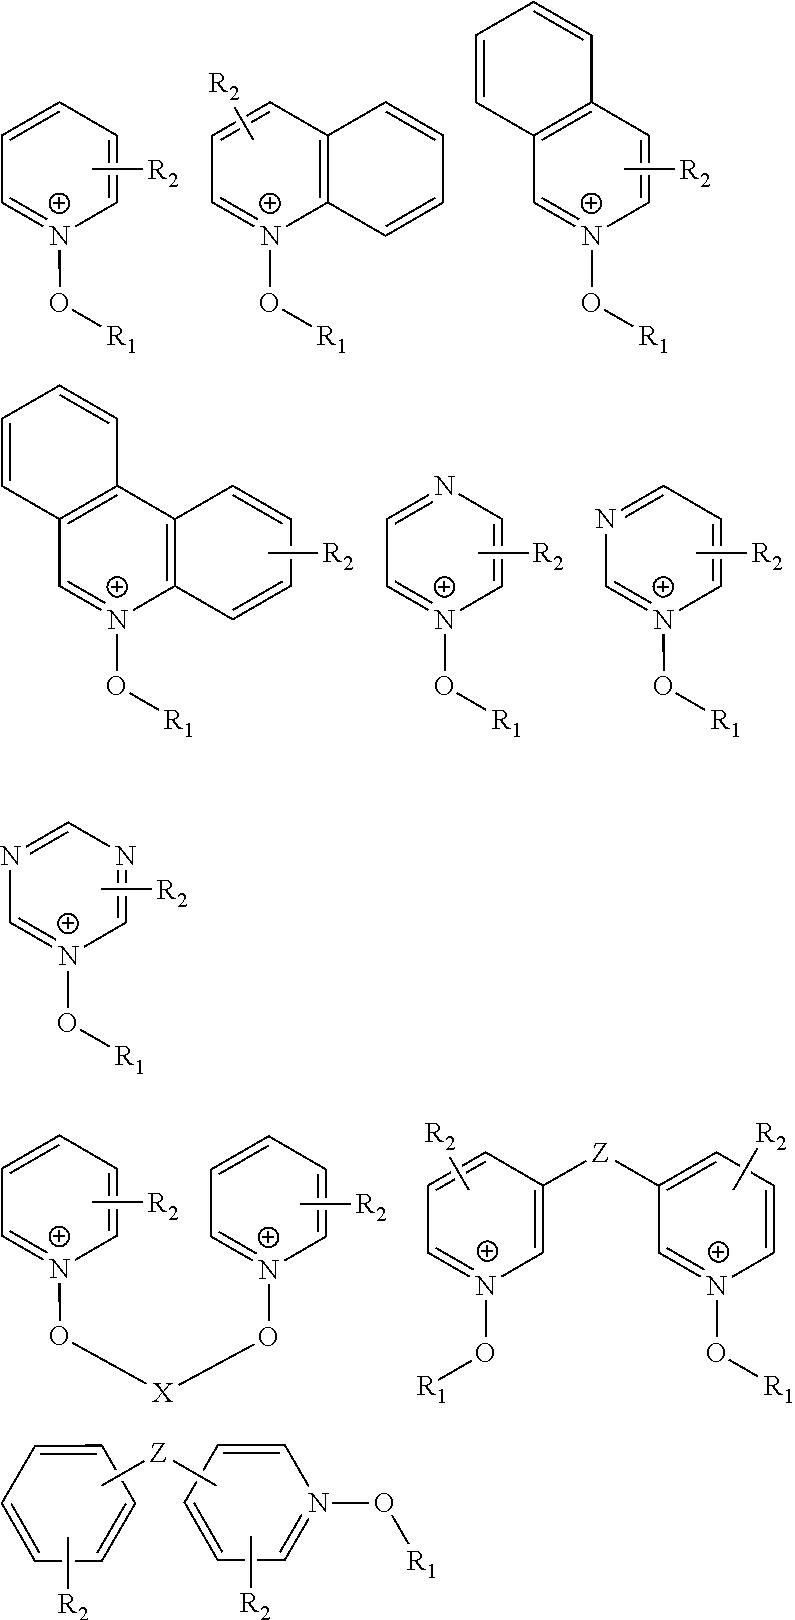 Figure US20120121815A1-20120517-C00040